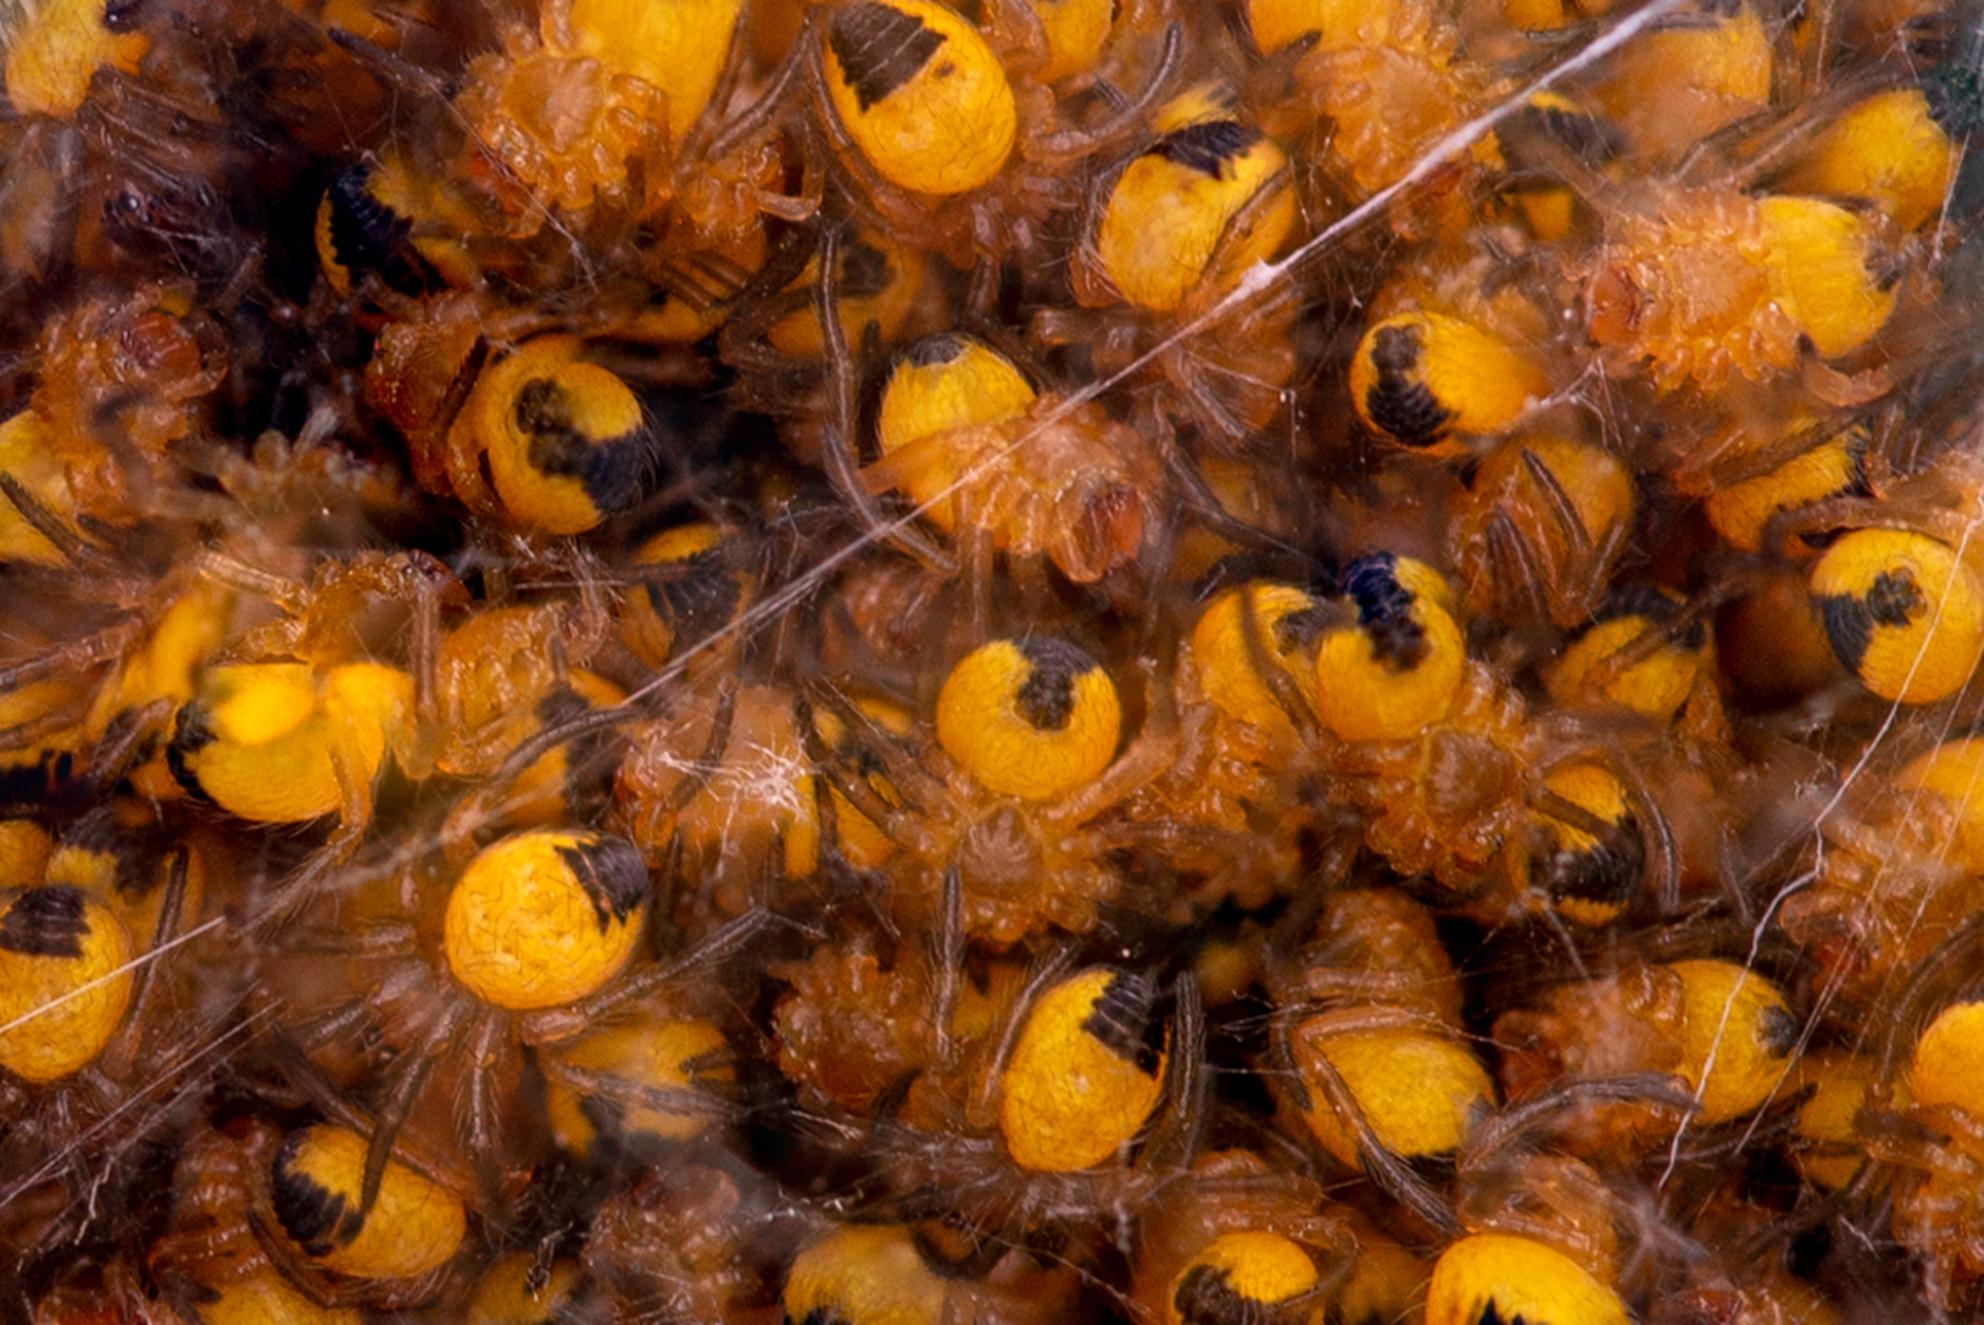 Nestje bouwen - De natuurlijke vijand van de mug maakt zich klaar voor de zomer - foto door RBvandaag op 12-05-2019 - deze foto bevat: macro, natuur, spin, tuin, focusstack - Deze foto mag gebruikt worden in een Zoom.nl publicatie